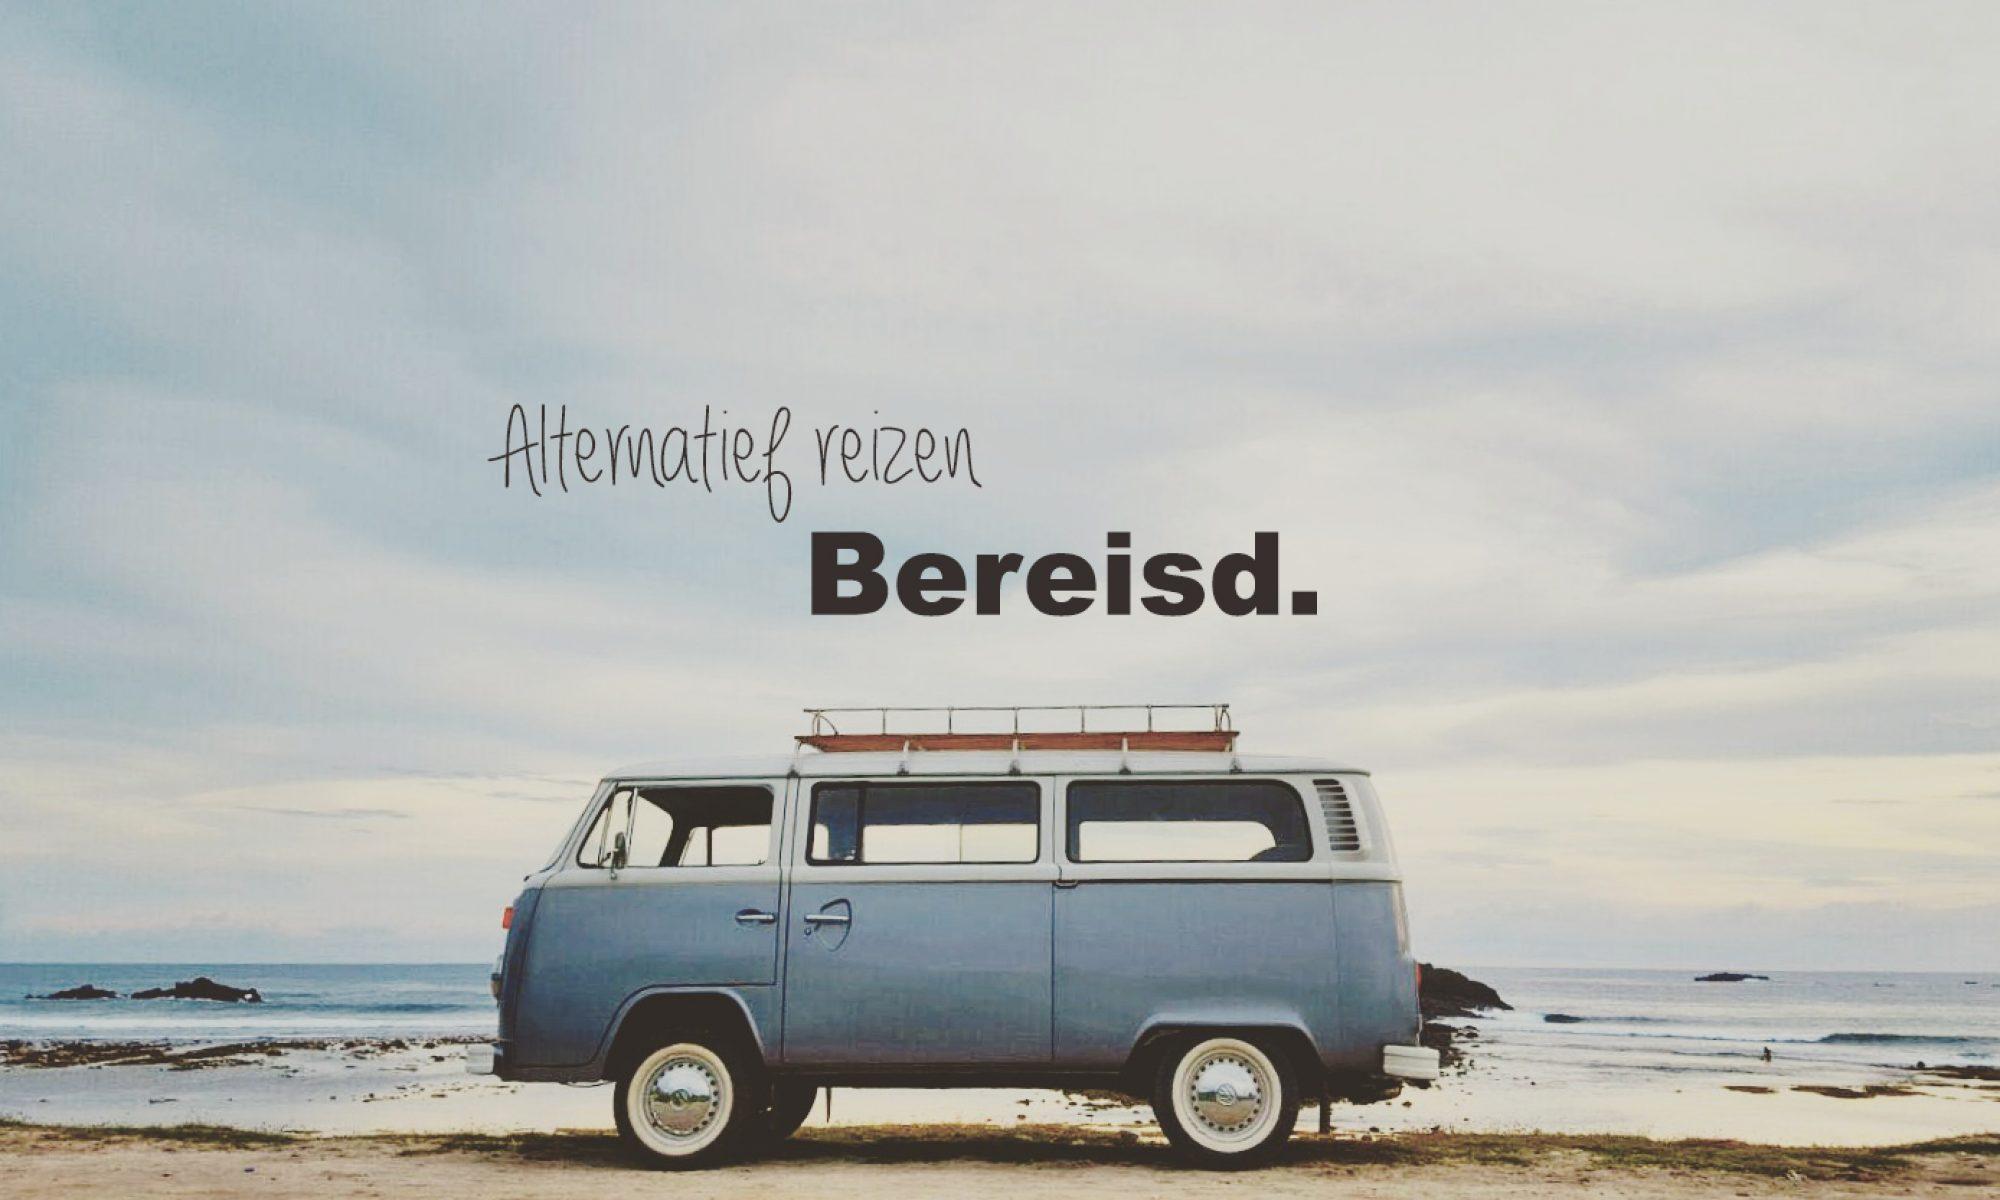 Bereisd